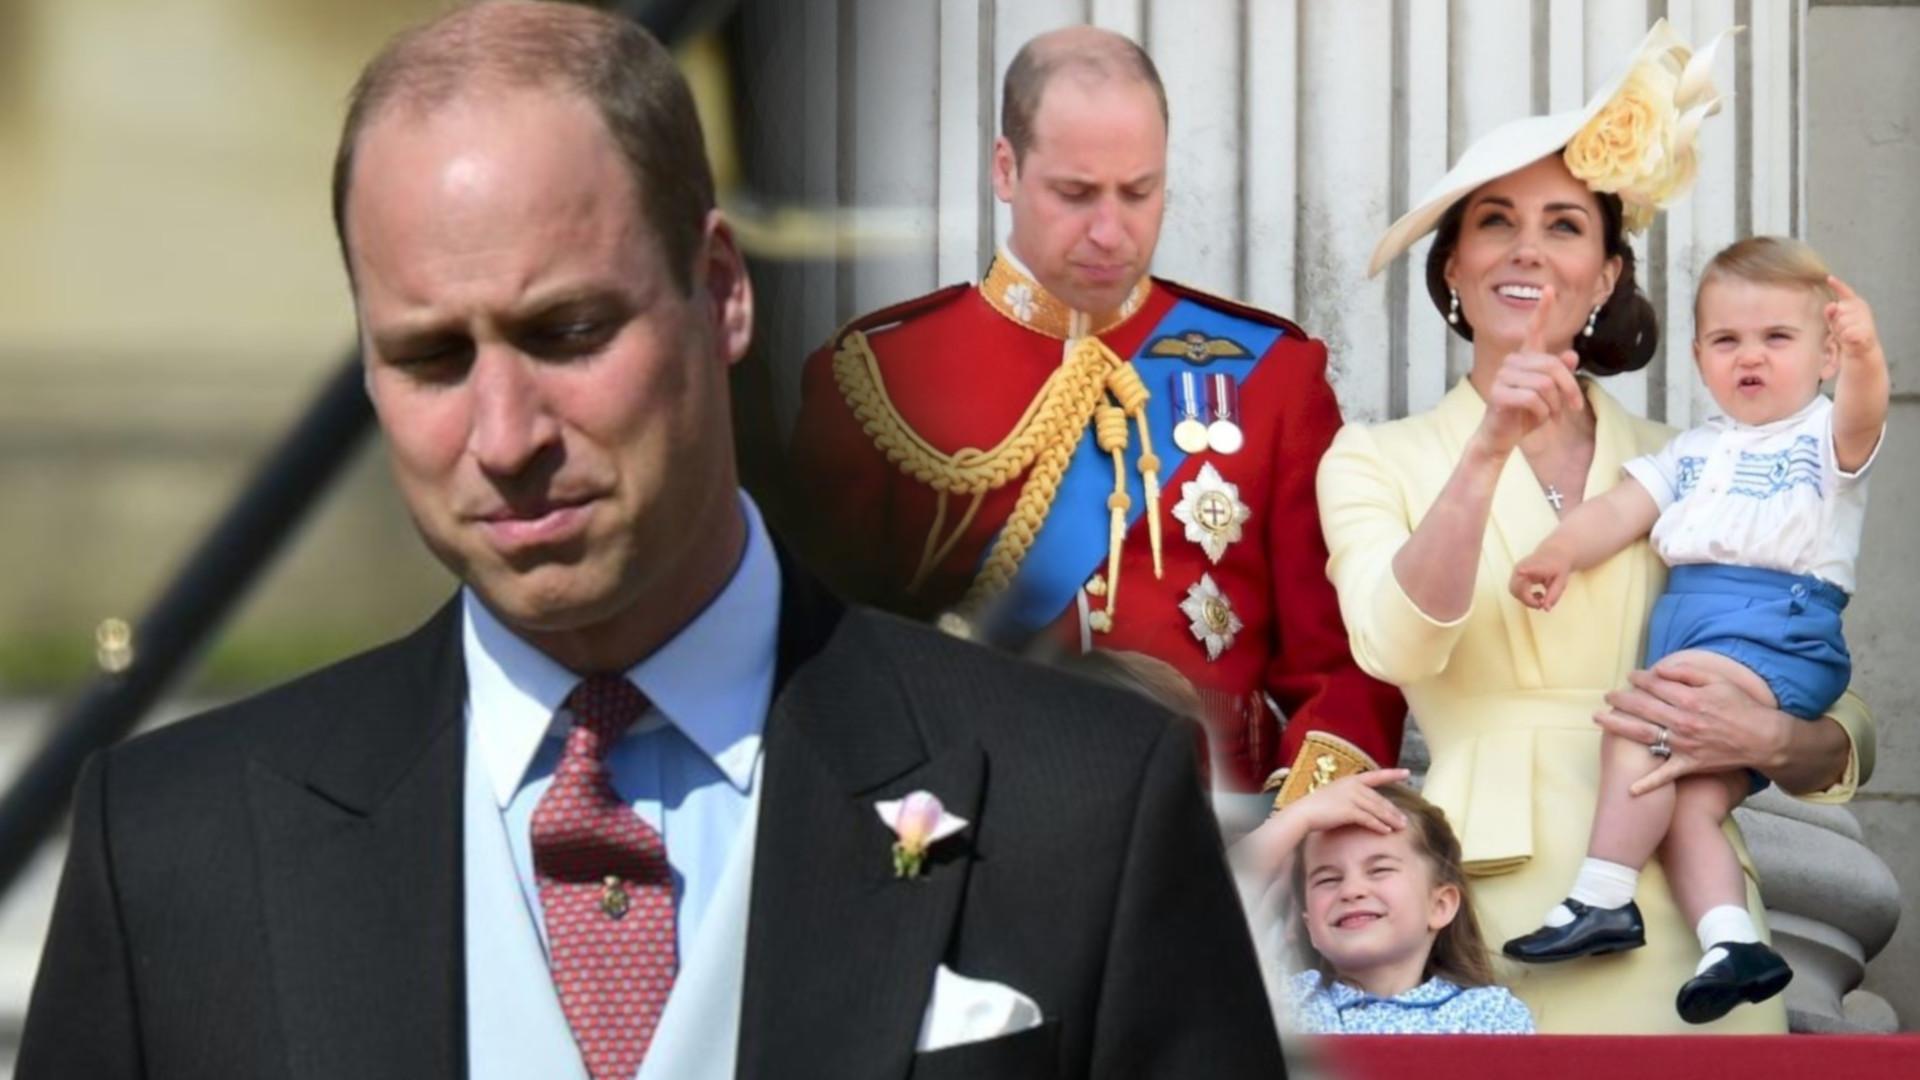 Zdjęcie księcia Williama zrobione z okazji Dnia Ojca OBURZYŁO internautów